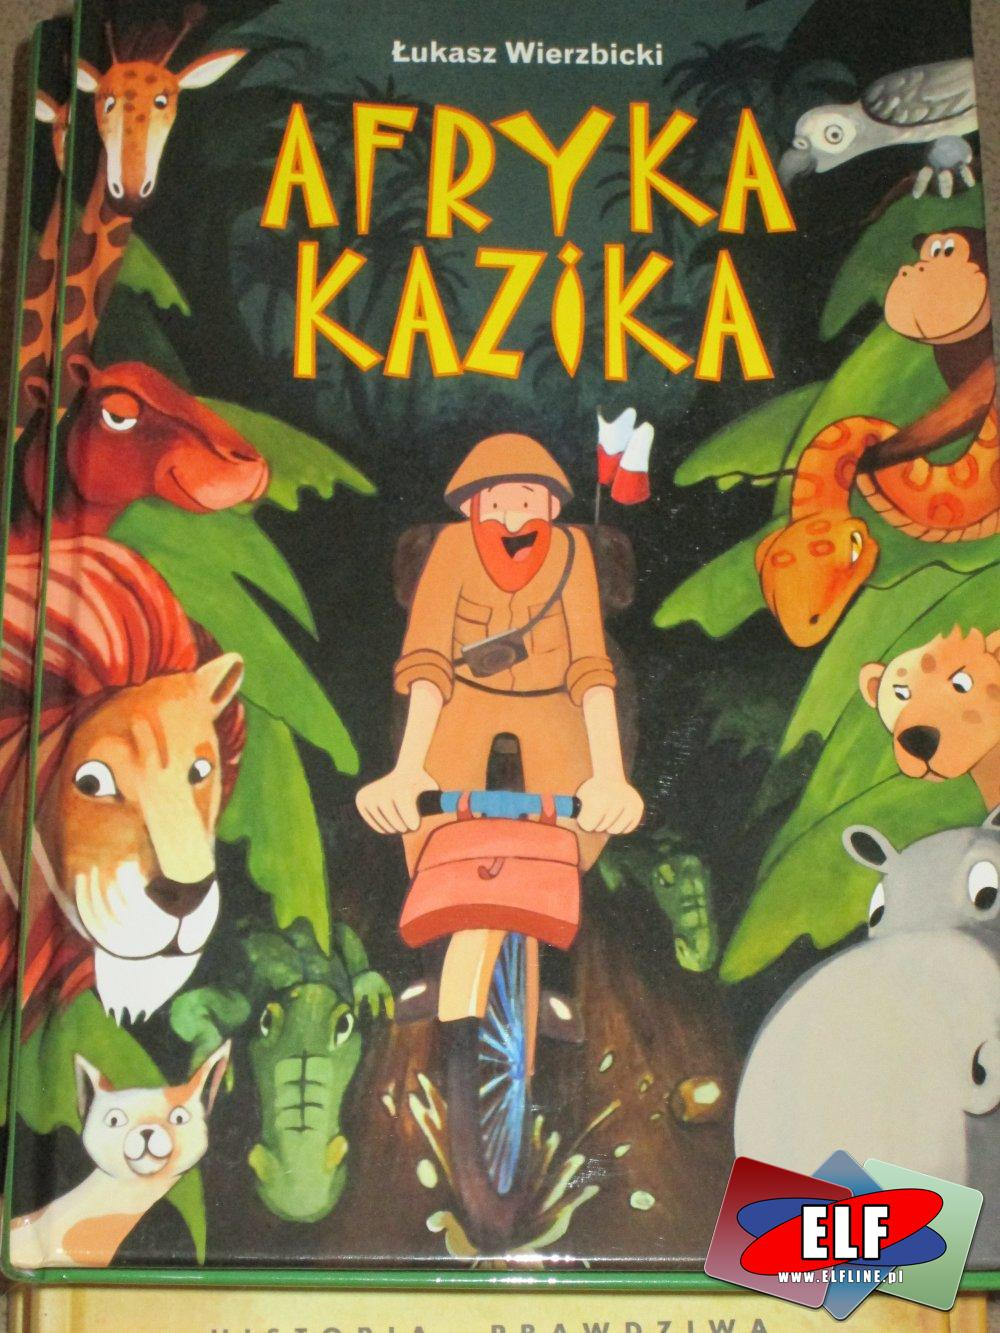 Afryka Kazika - Lektury szkolne - Lektura szkolna - Książka, Książki